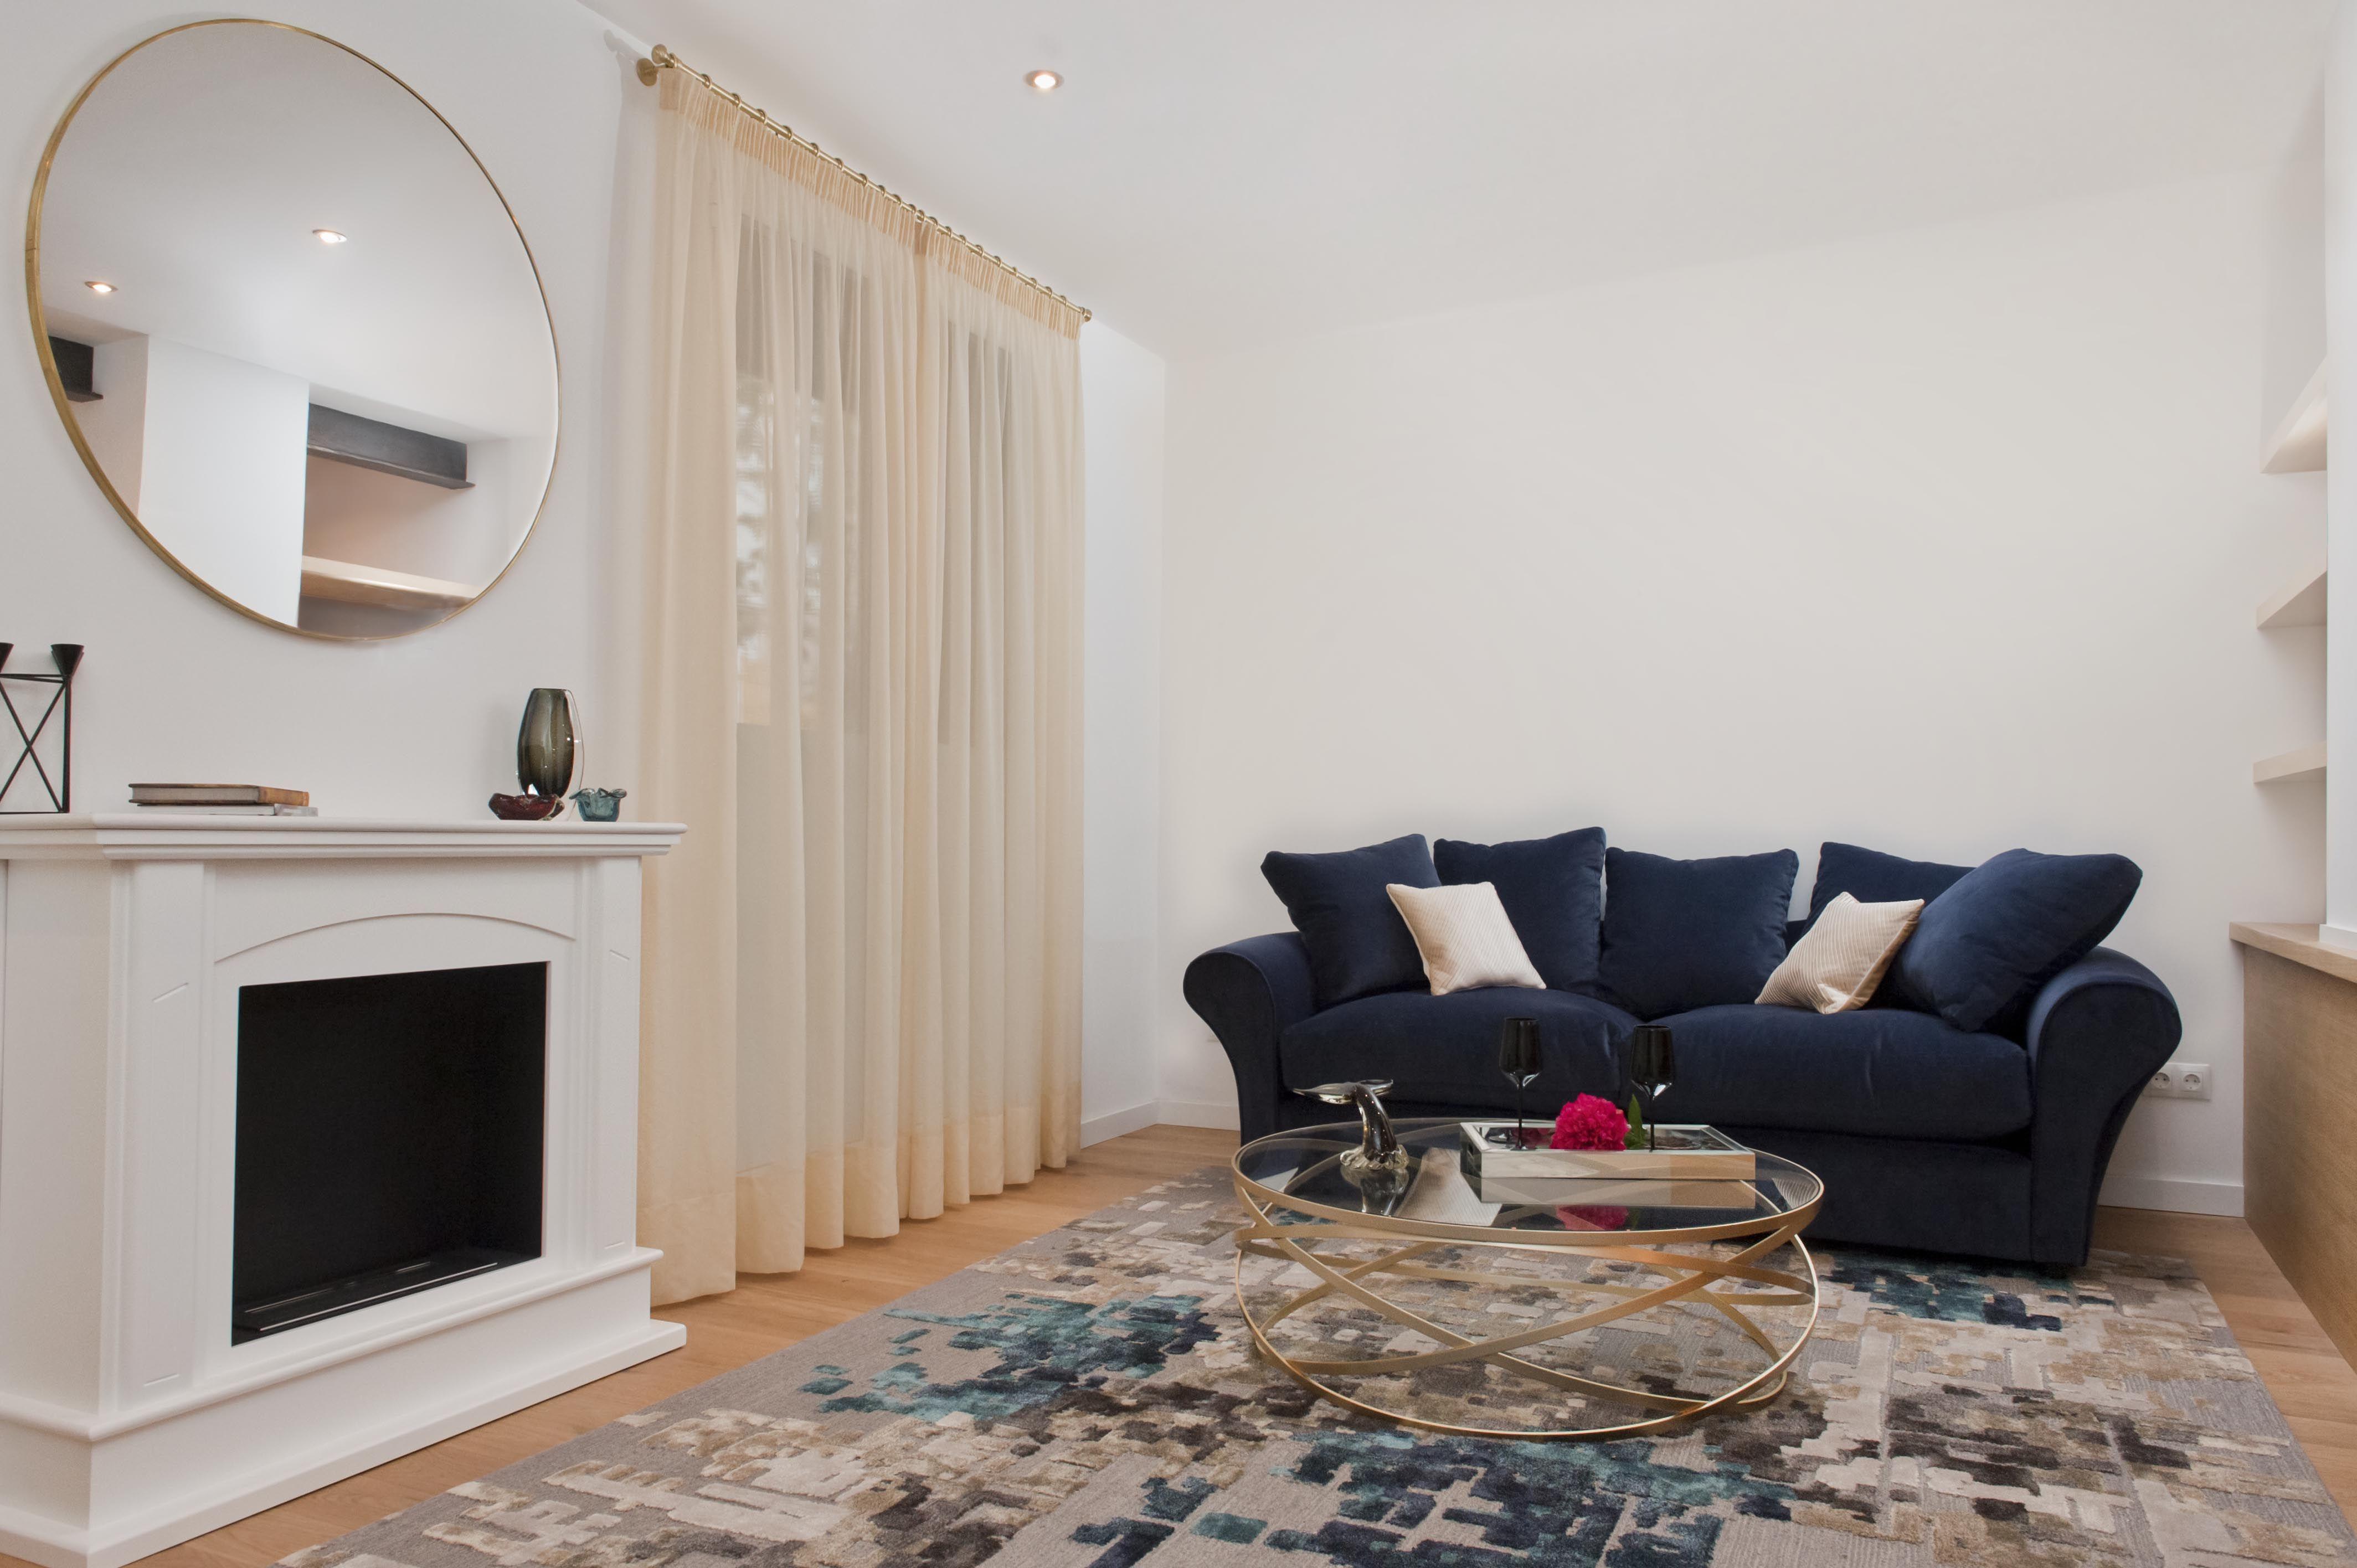 12 claves para aplicar la decoraci n emocional en el hogar for Armonia en el hogar decoracion